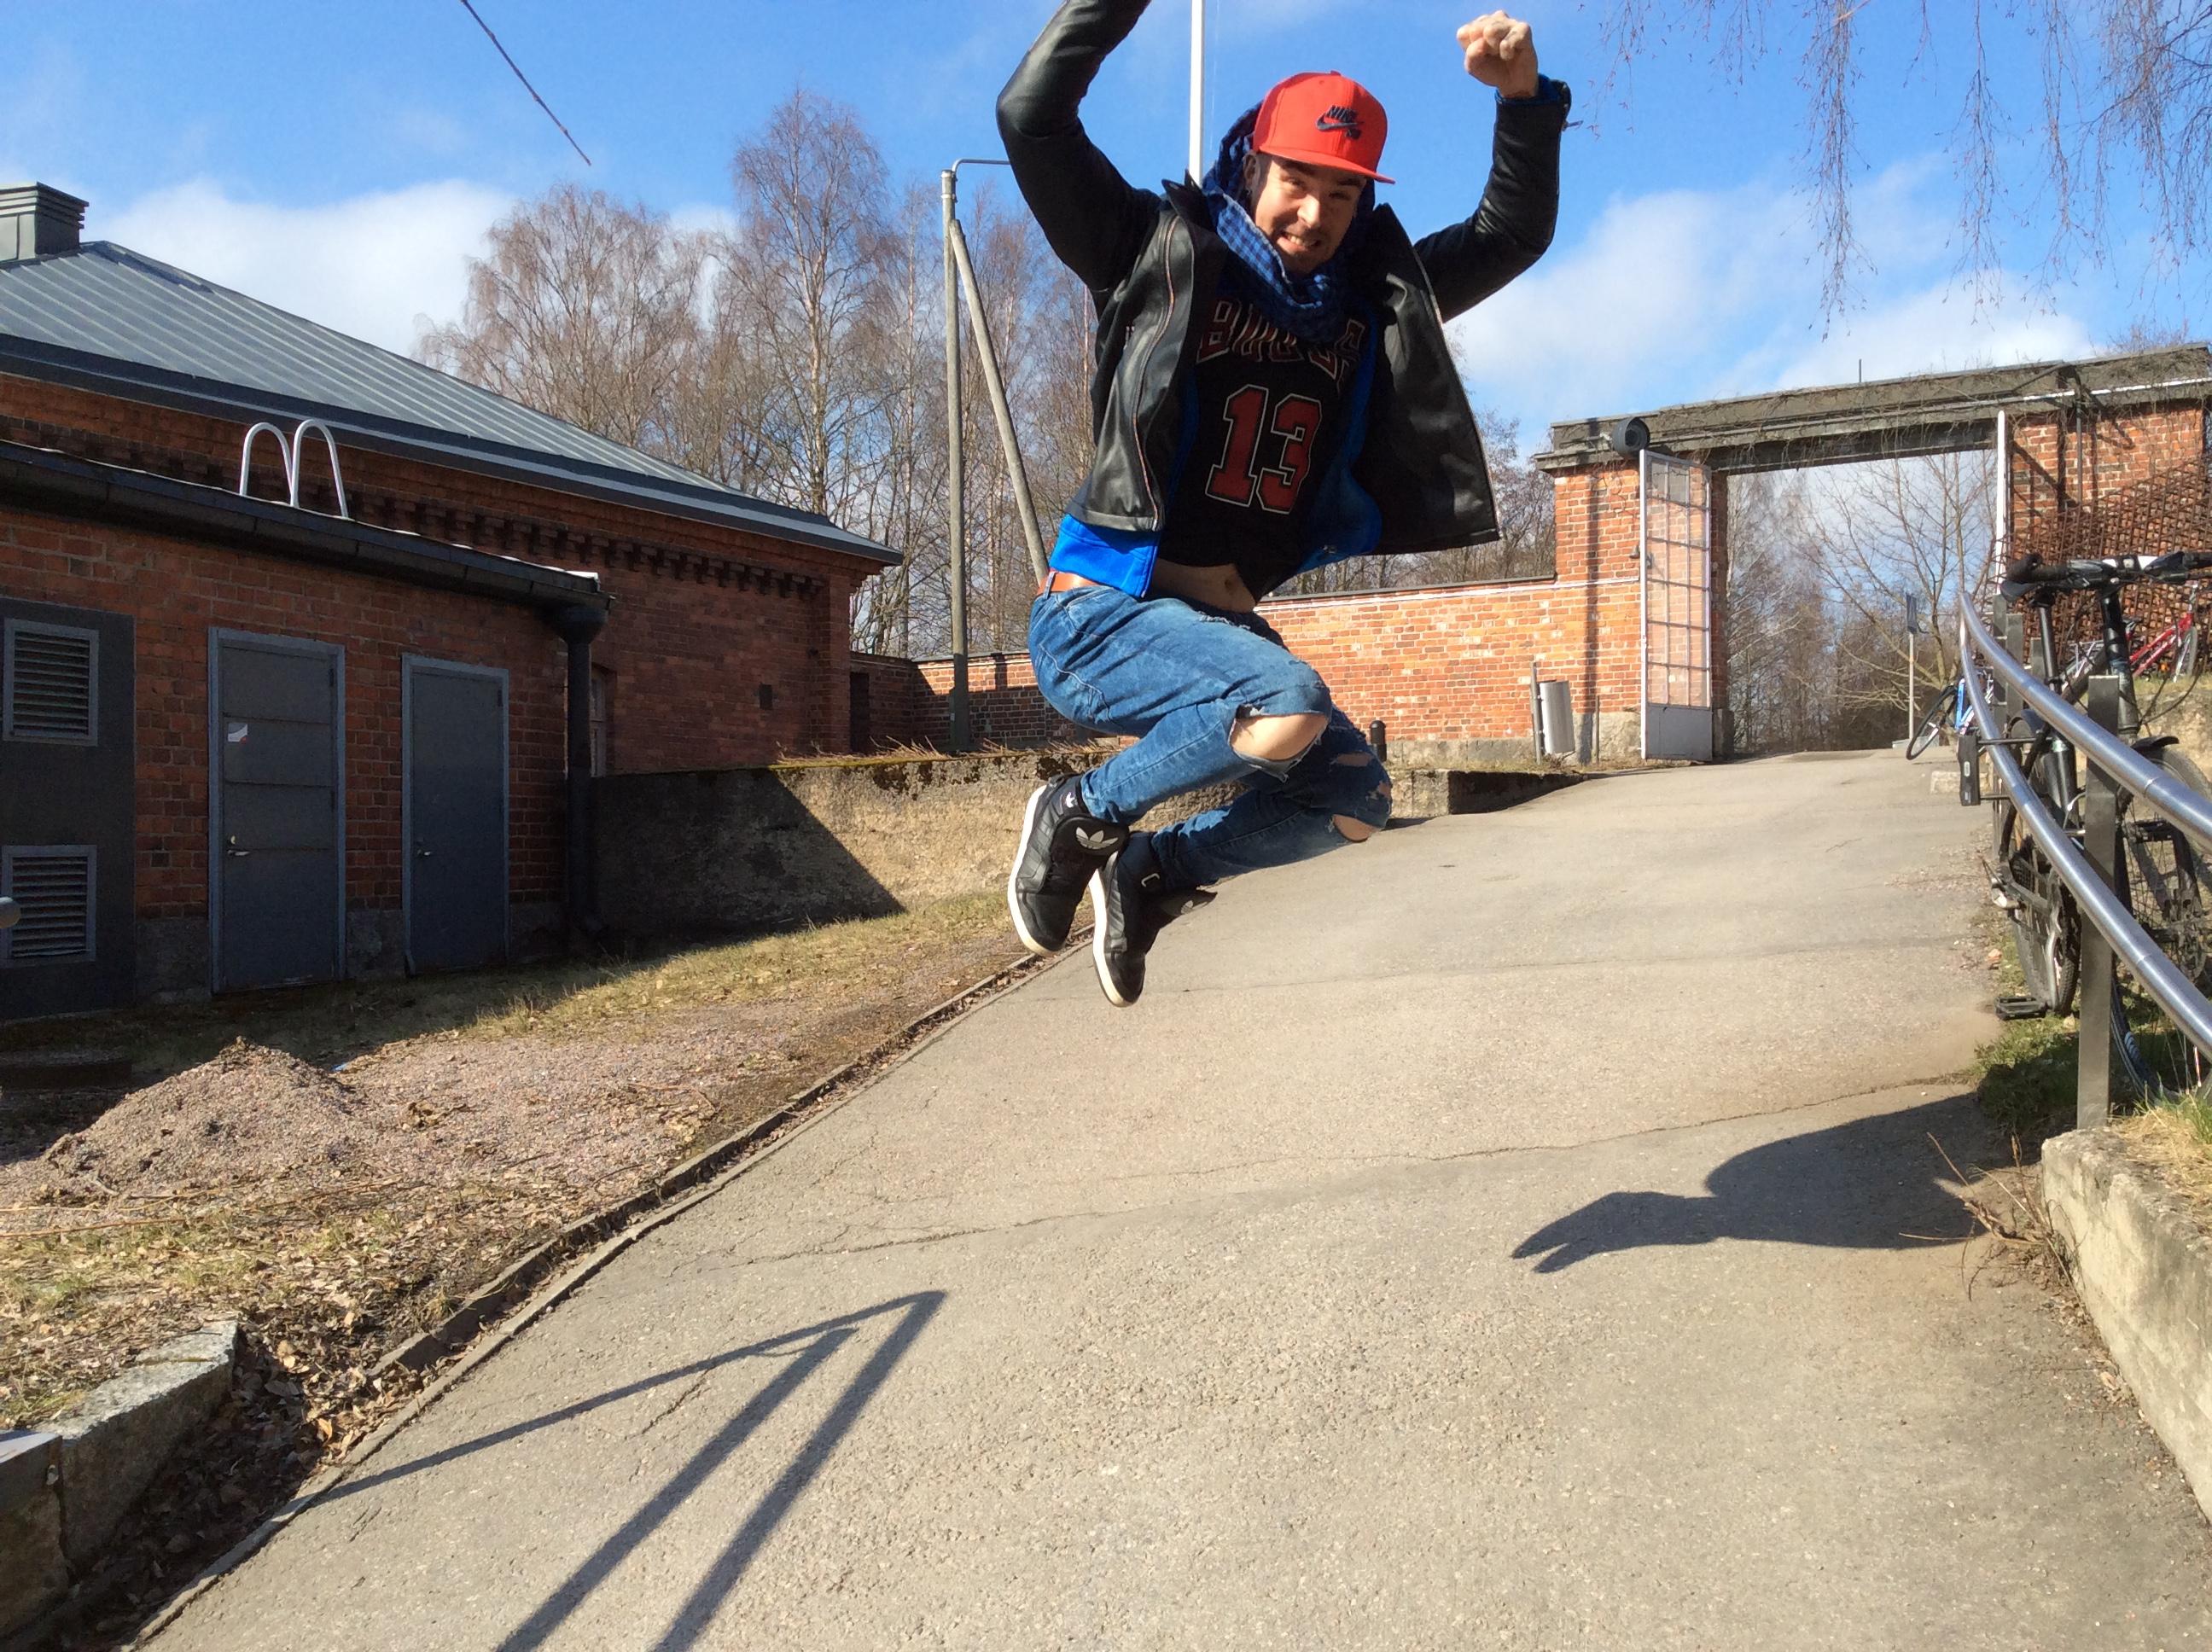 Kristofferin voittohyppy: Selvisinpäs! Kuva: Katja Ylinen